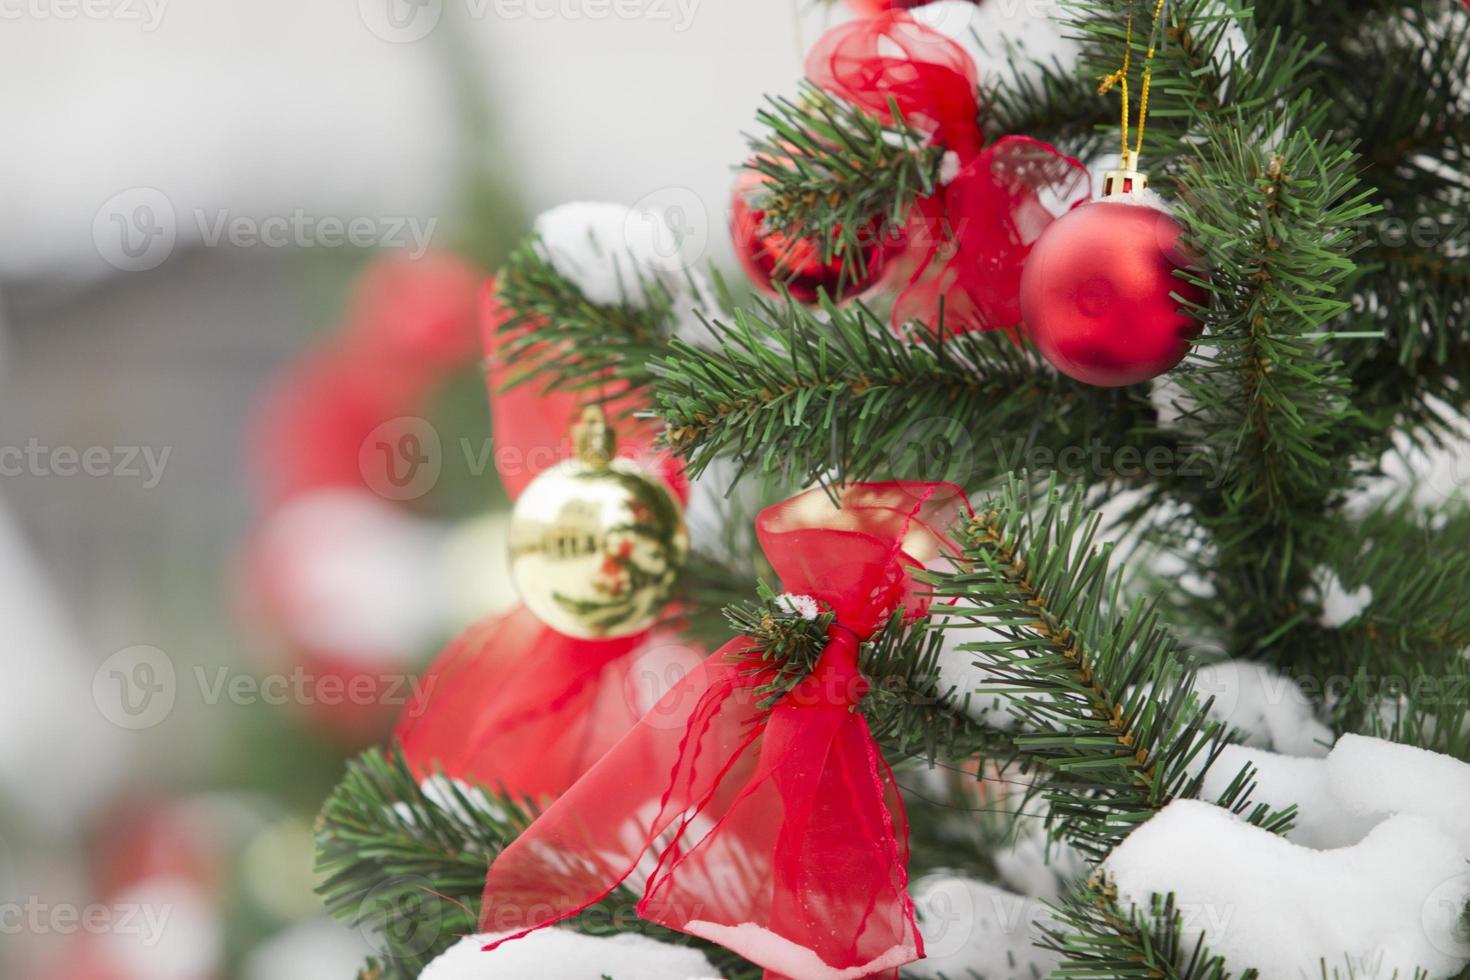 bolas de navidad colgando de un árbol de navidad cubierto de nieve foto